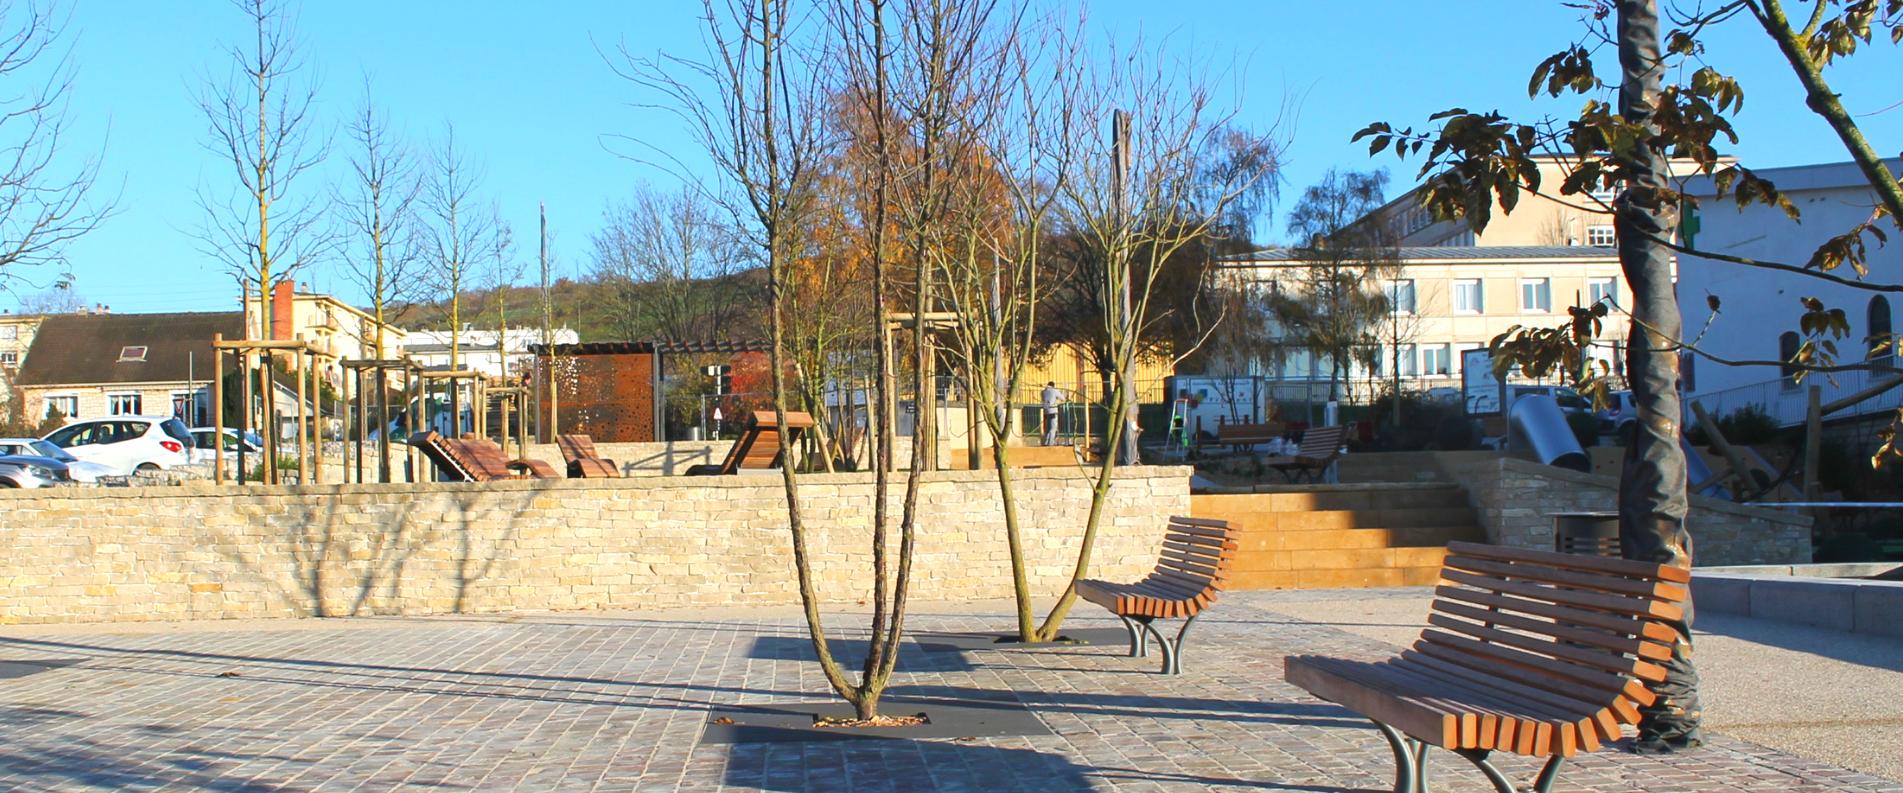 Mobilier urbain pour espaces publics